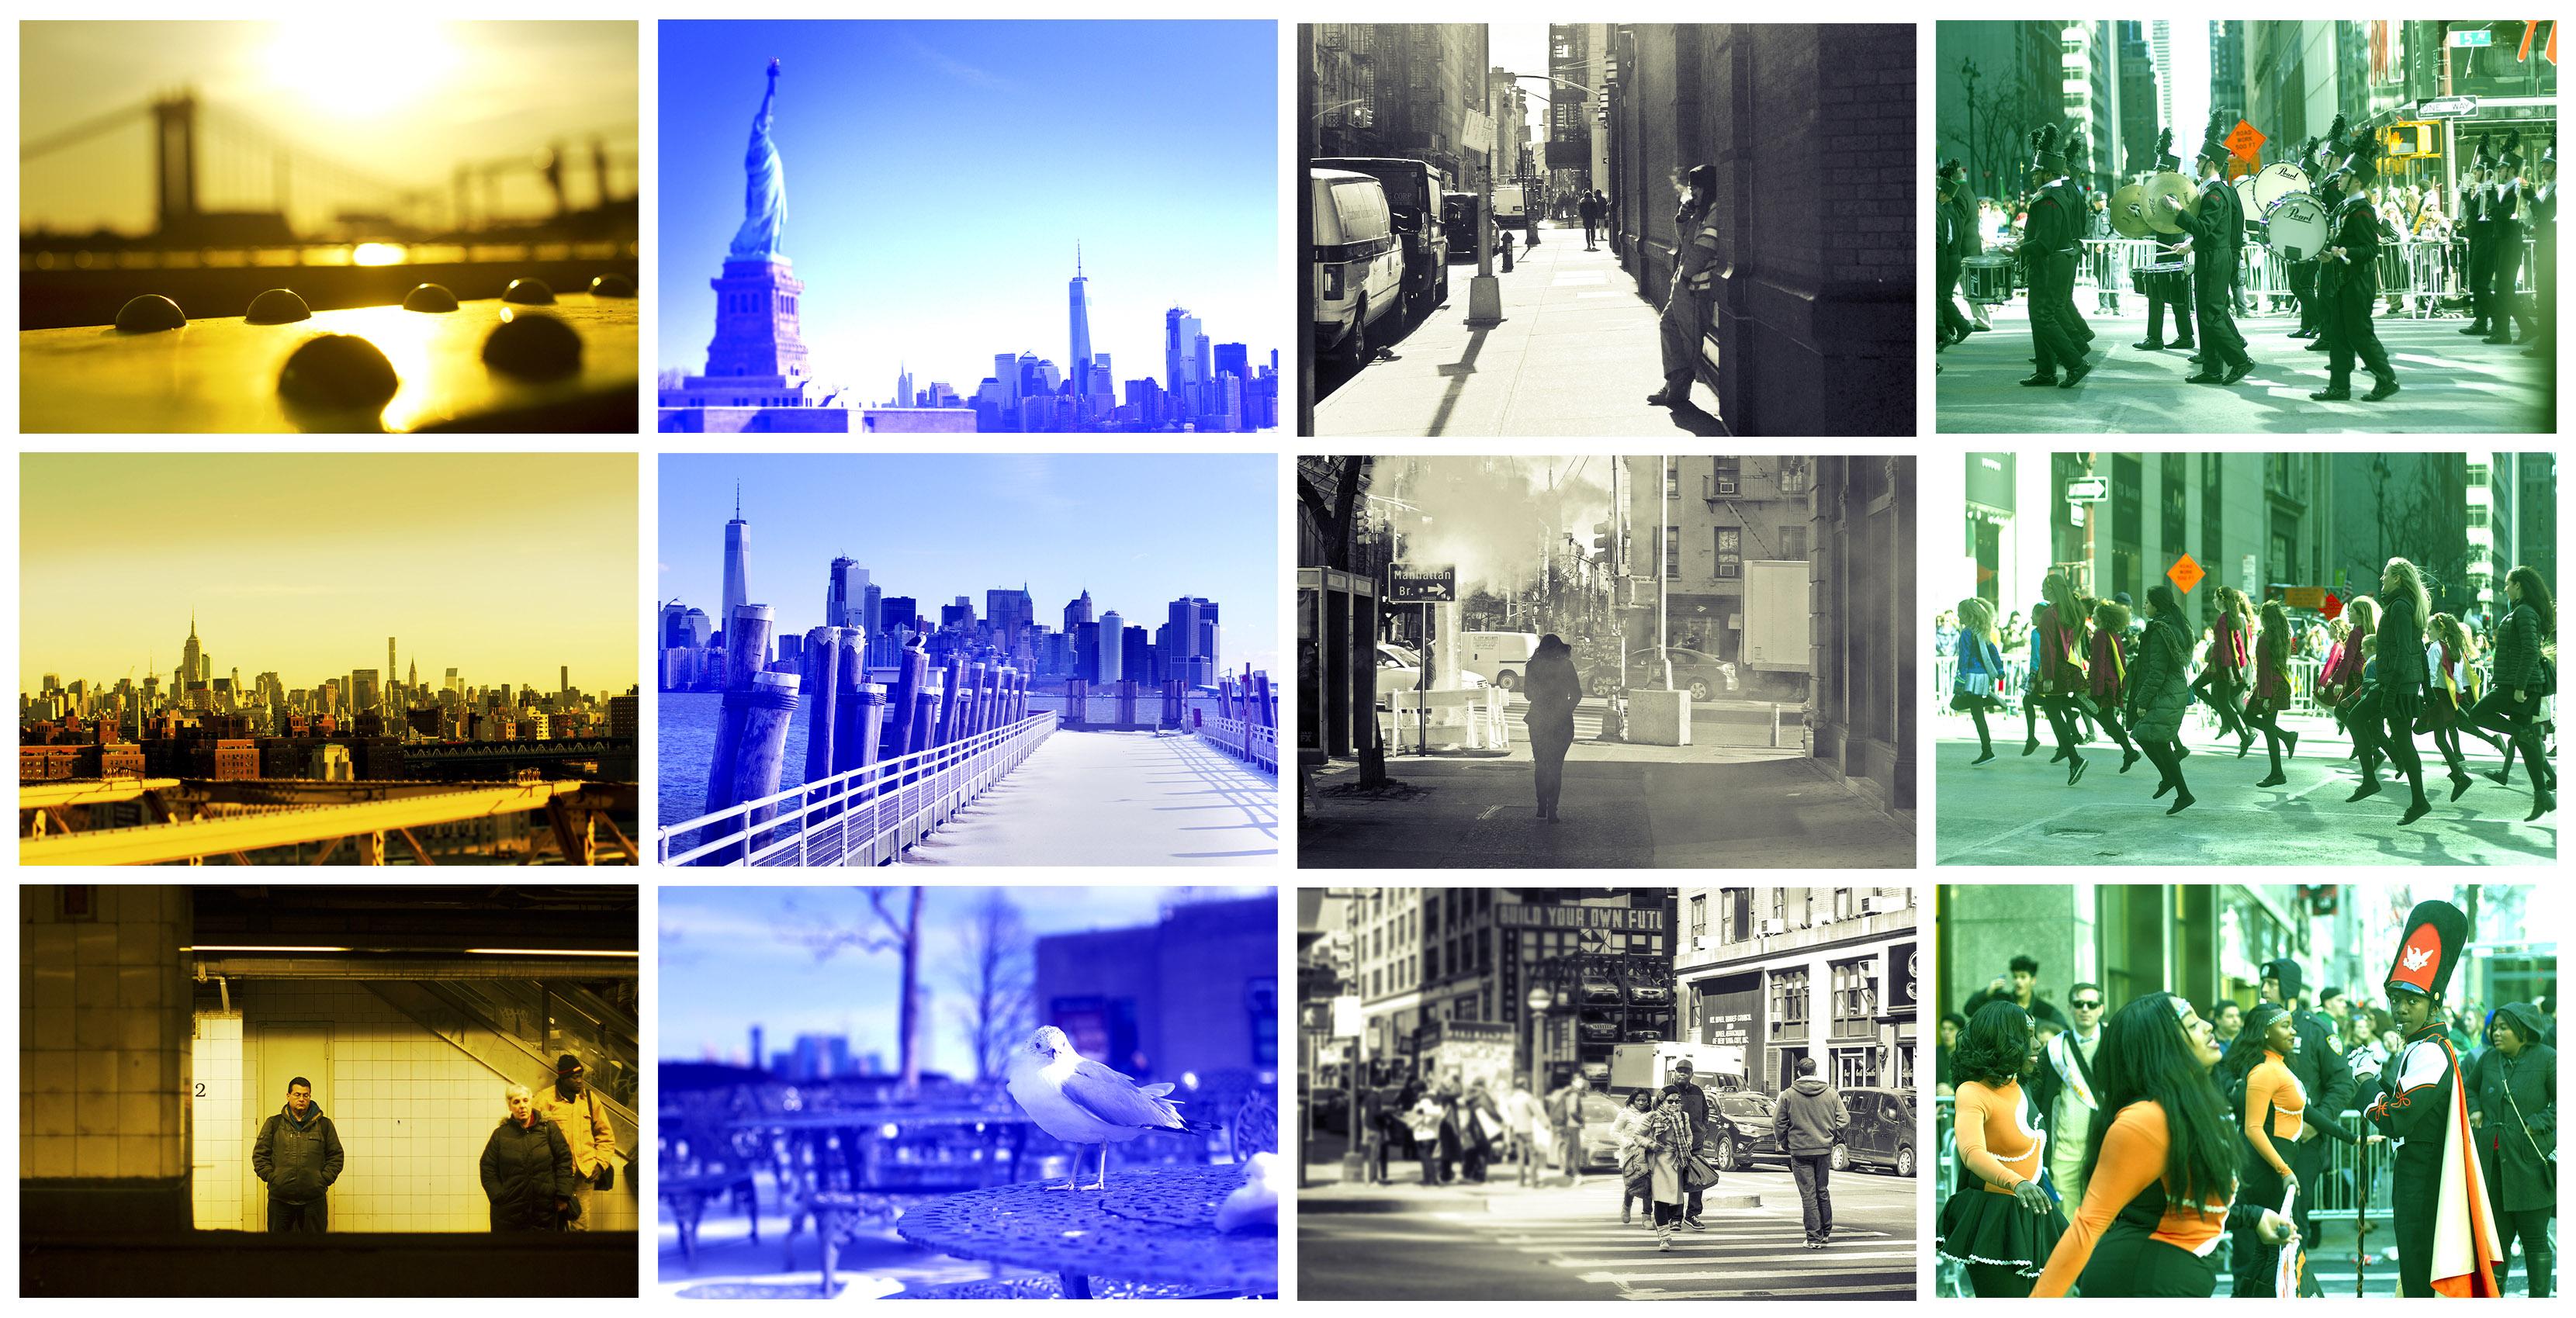 http://boucard.laurent.free.fr/images/NY.jpg